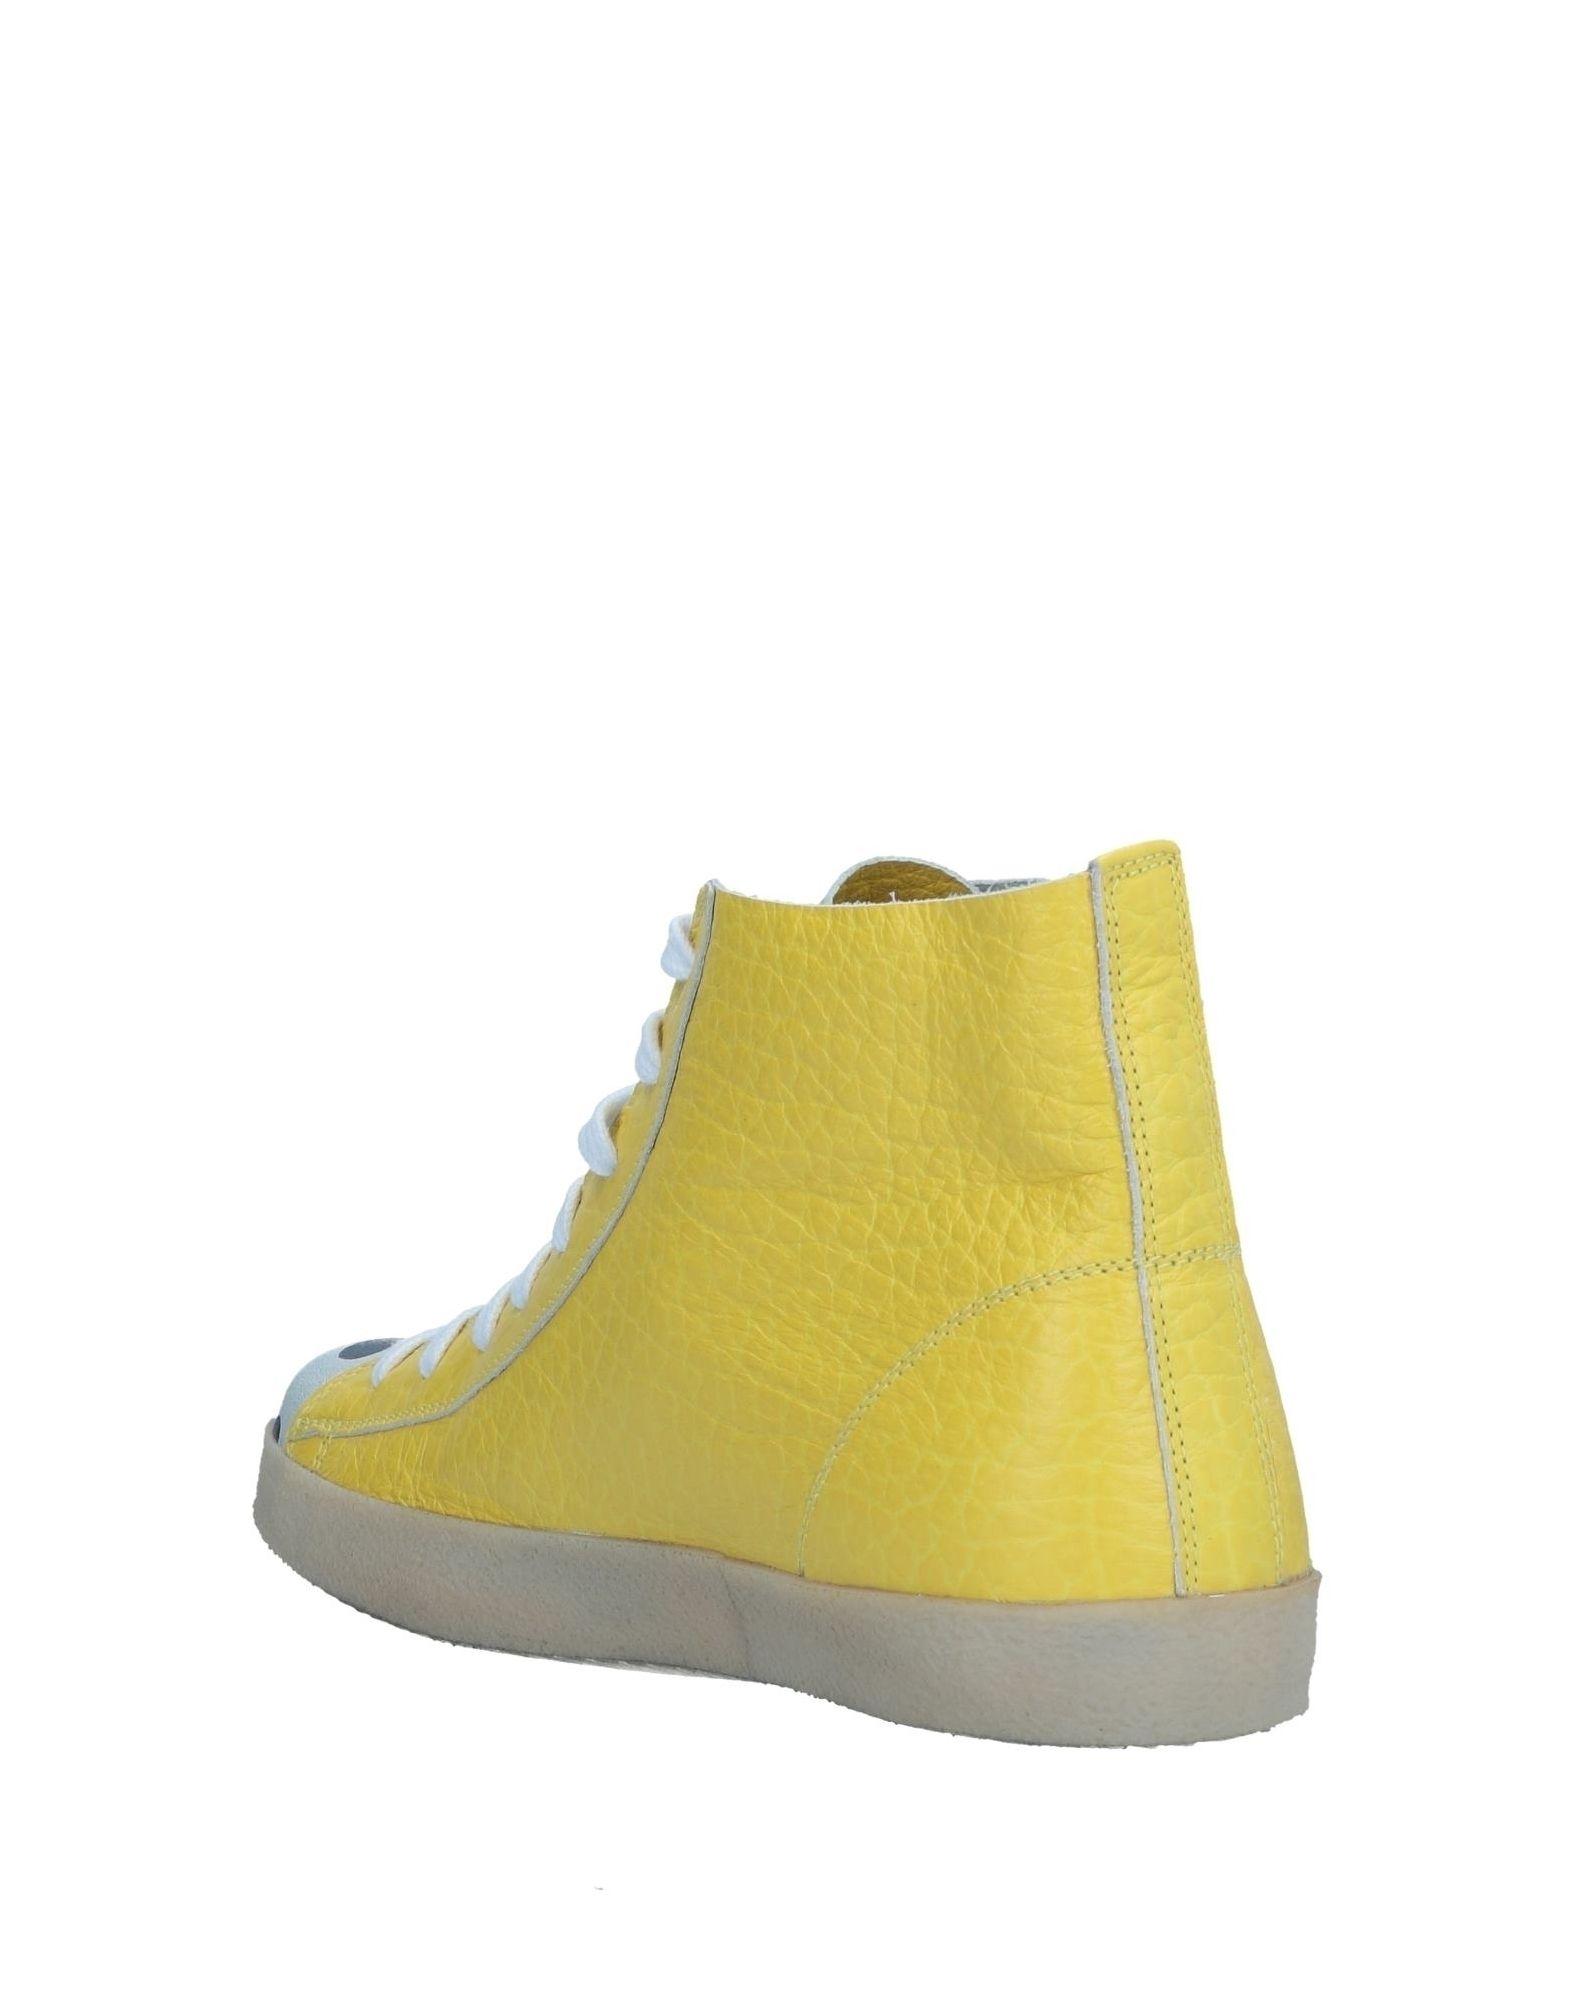 Stilvolle Sneakers billige Schuhe Studs War Sneakers Stilvolle Damen  11545719CA 000f0b